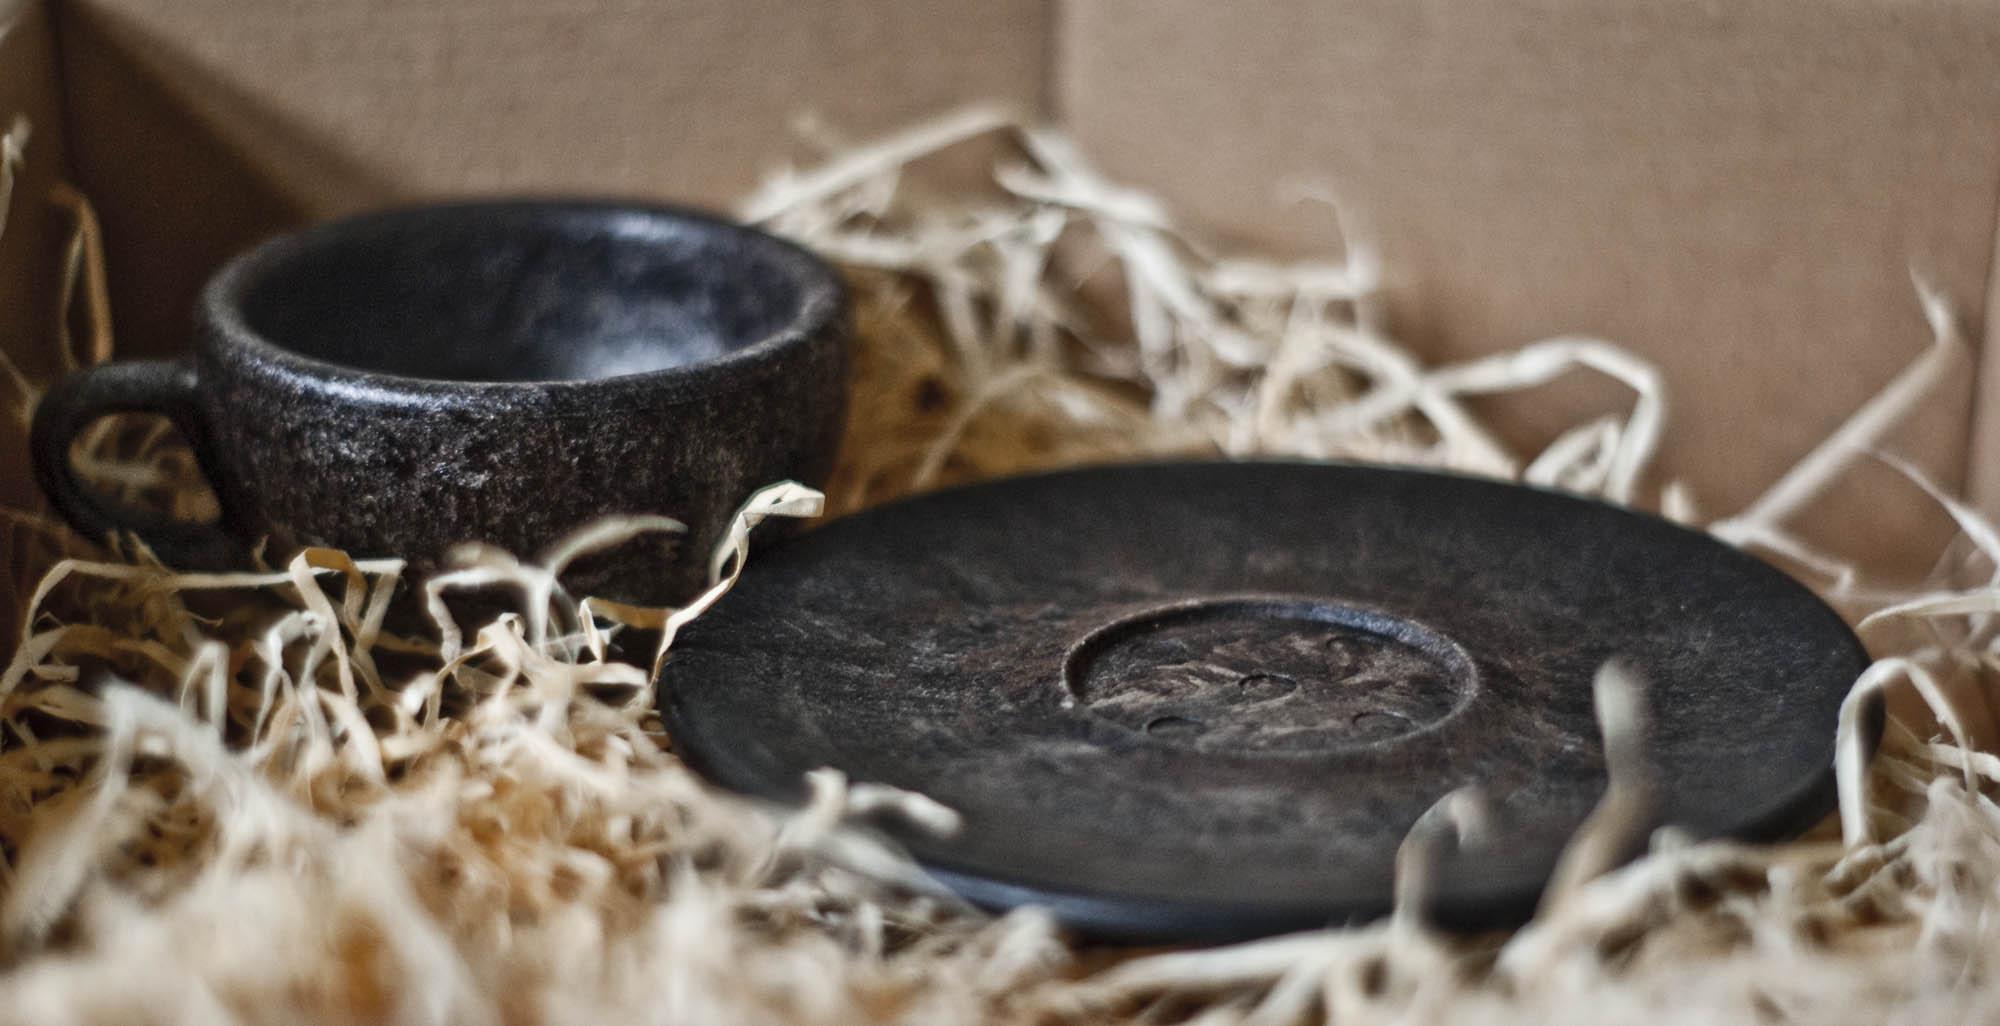 Economia Circolare Tazze E Tazzine Fatte Con I Fondi Di Caffe